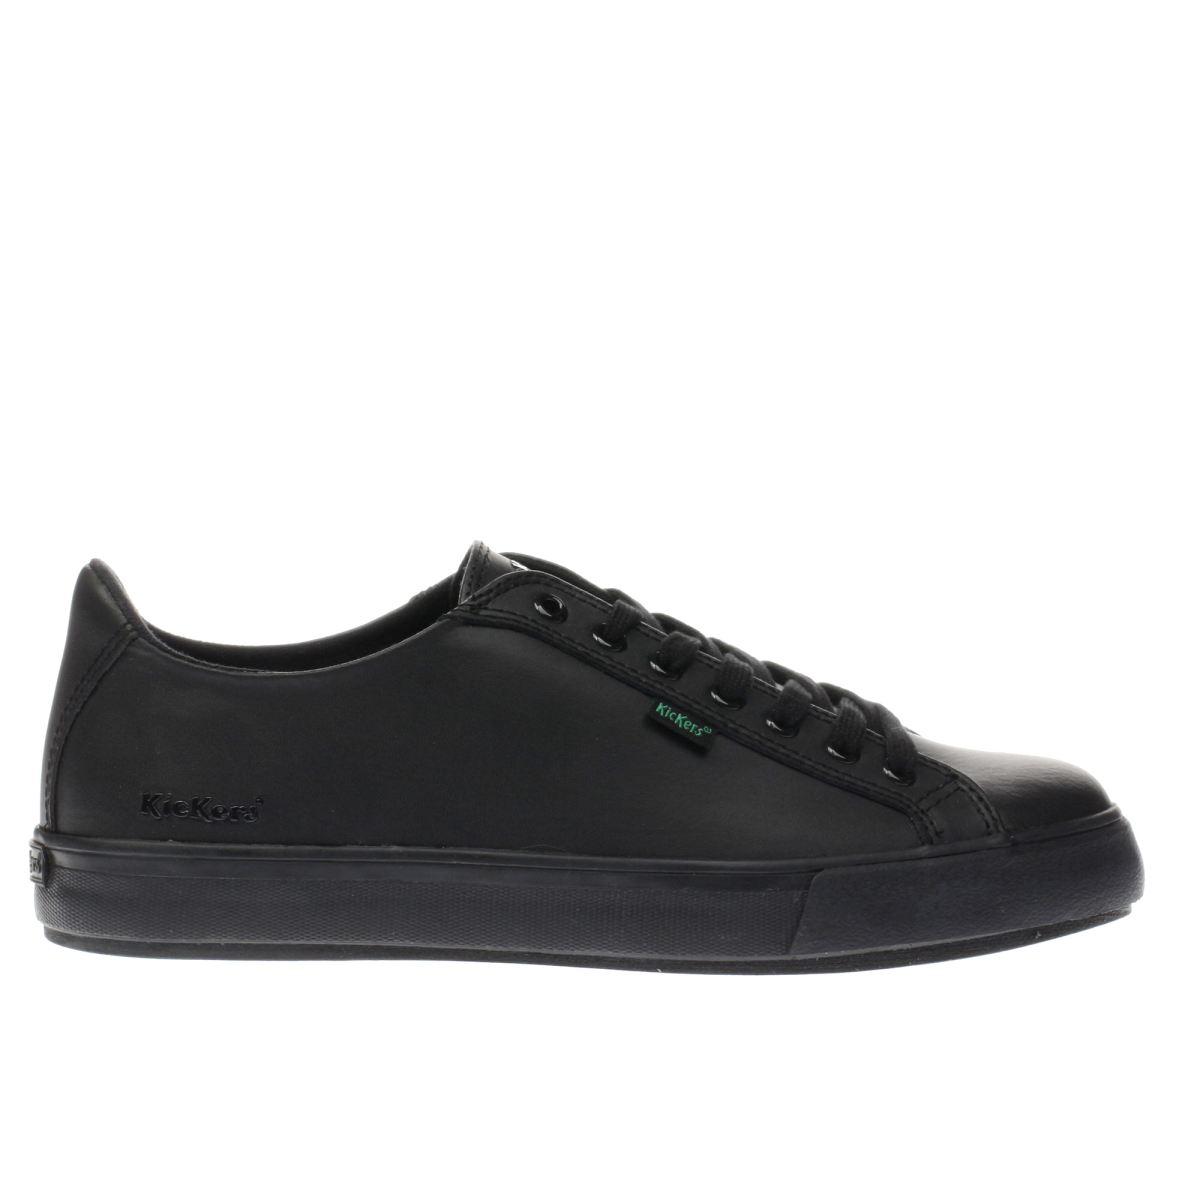 Vblack Flat Brogue Shoes